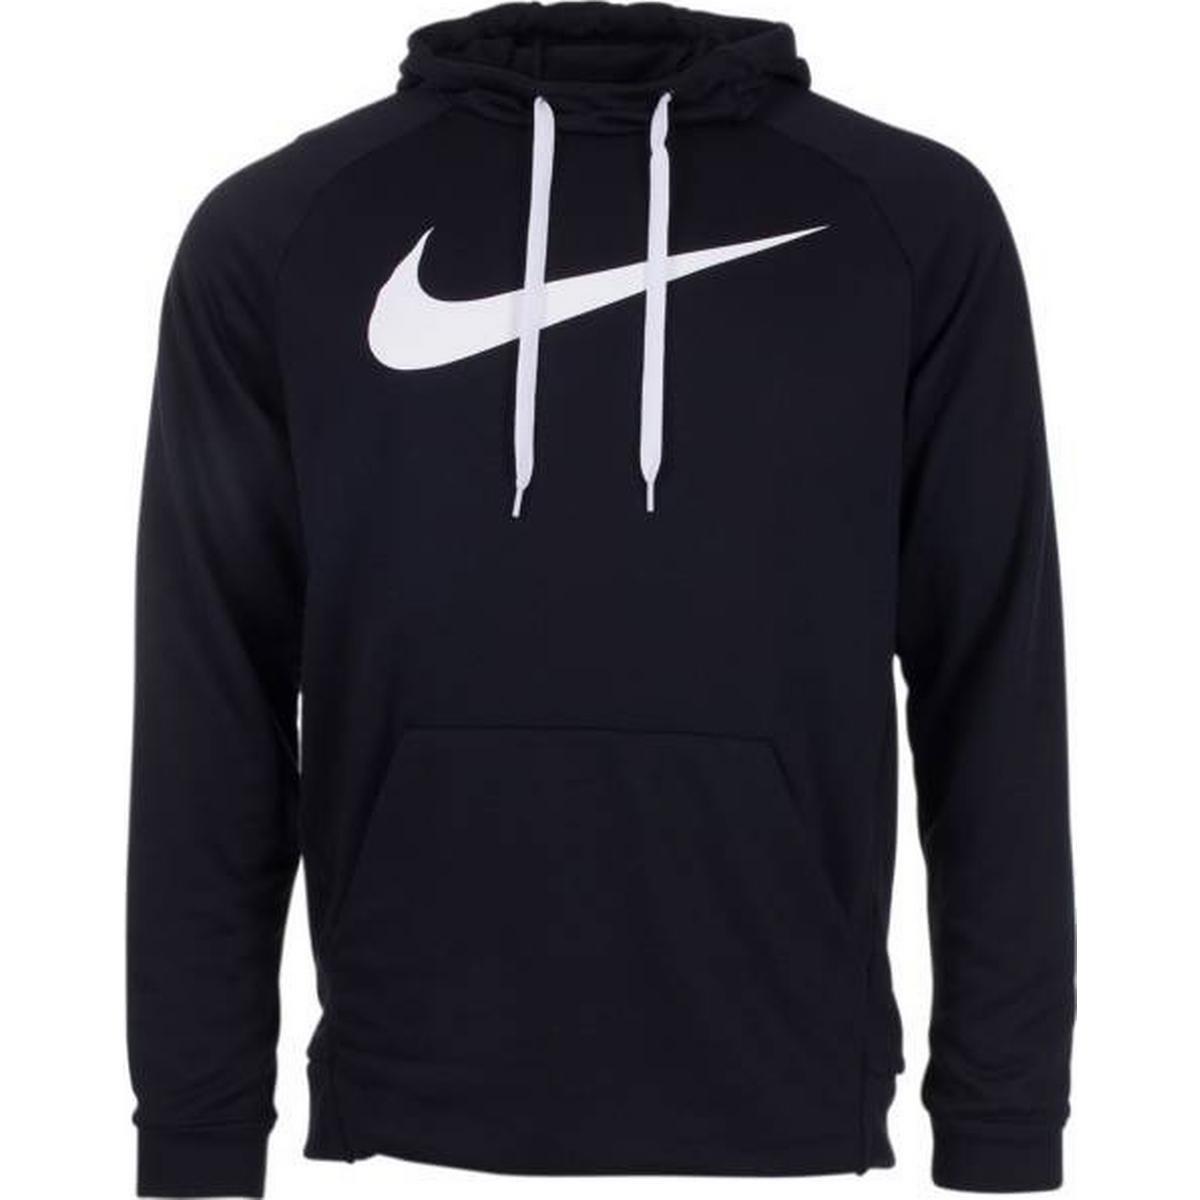 397c3f50a79 Nike Hættetrøje - Sammenlign priser hos PriceRunner